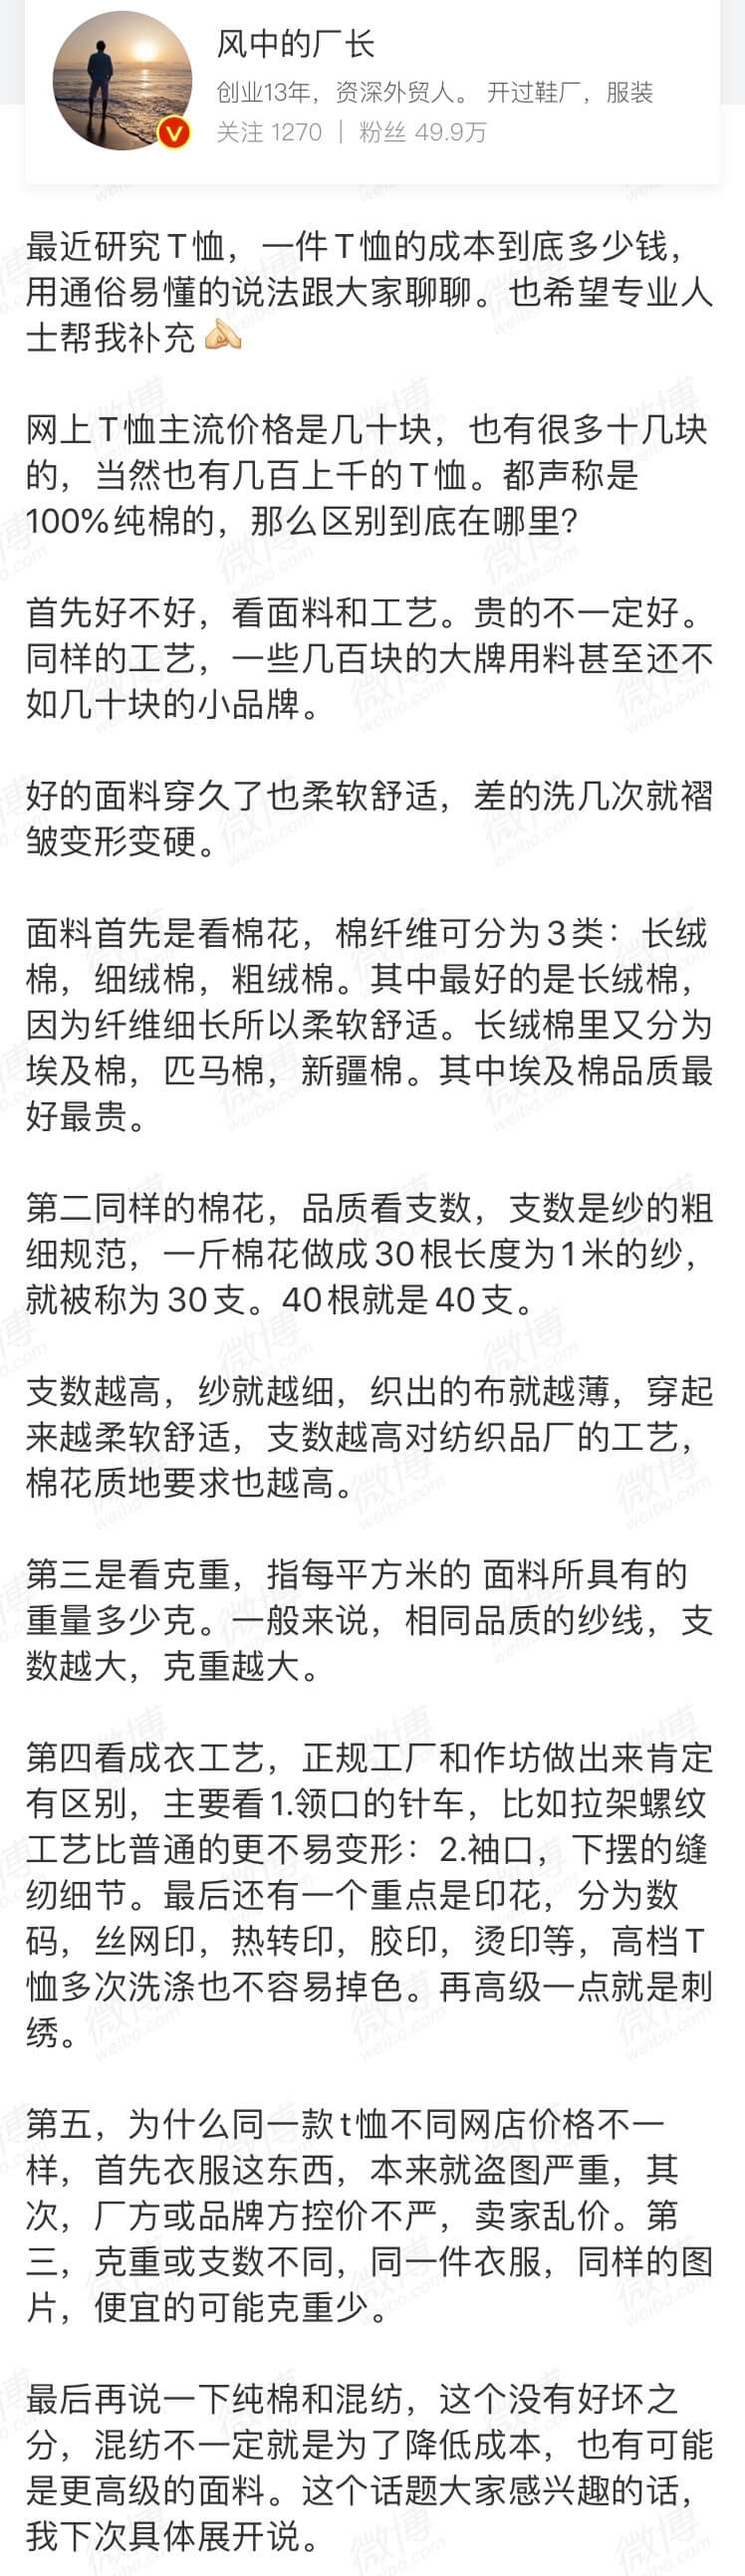 《淘宝苹果礼品卡有多黑(黑卡)、网易云音乐直链获取方法 - 破茧日报 290 期》